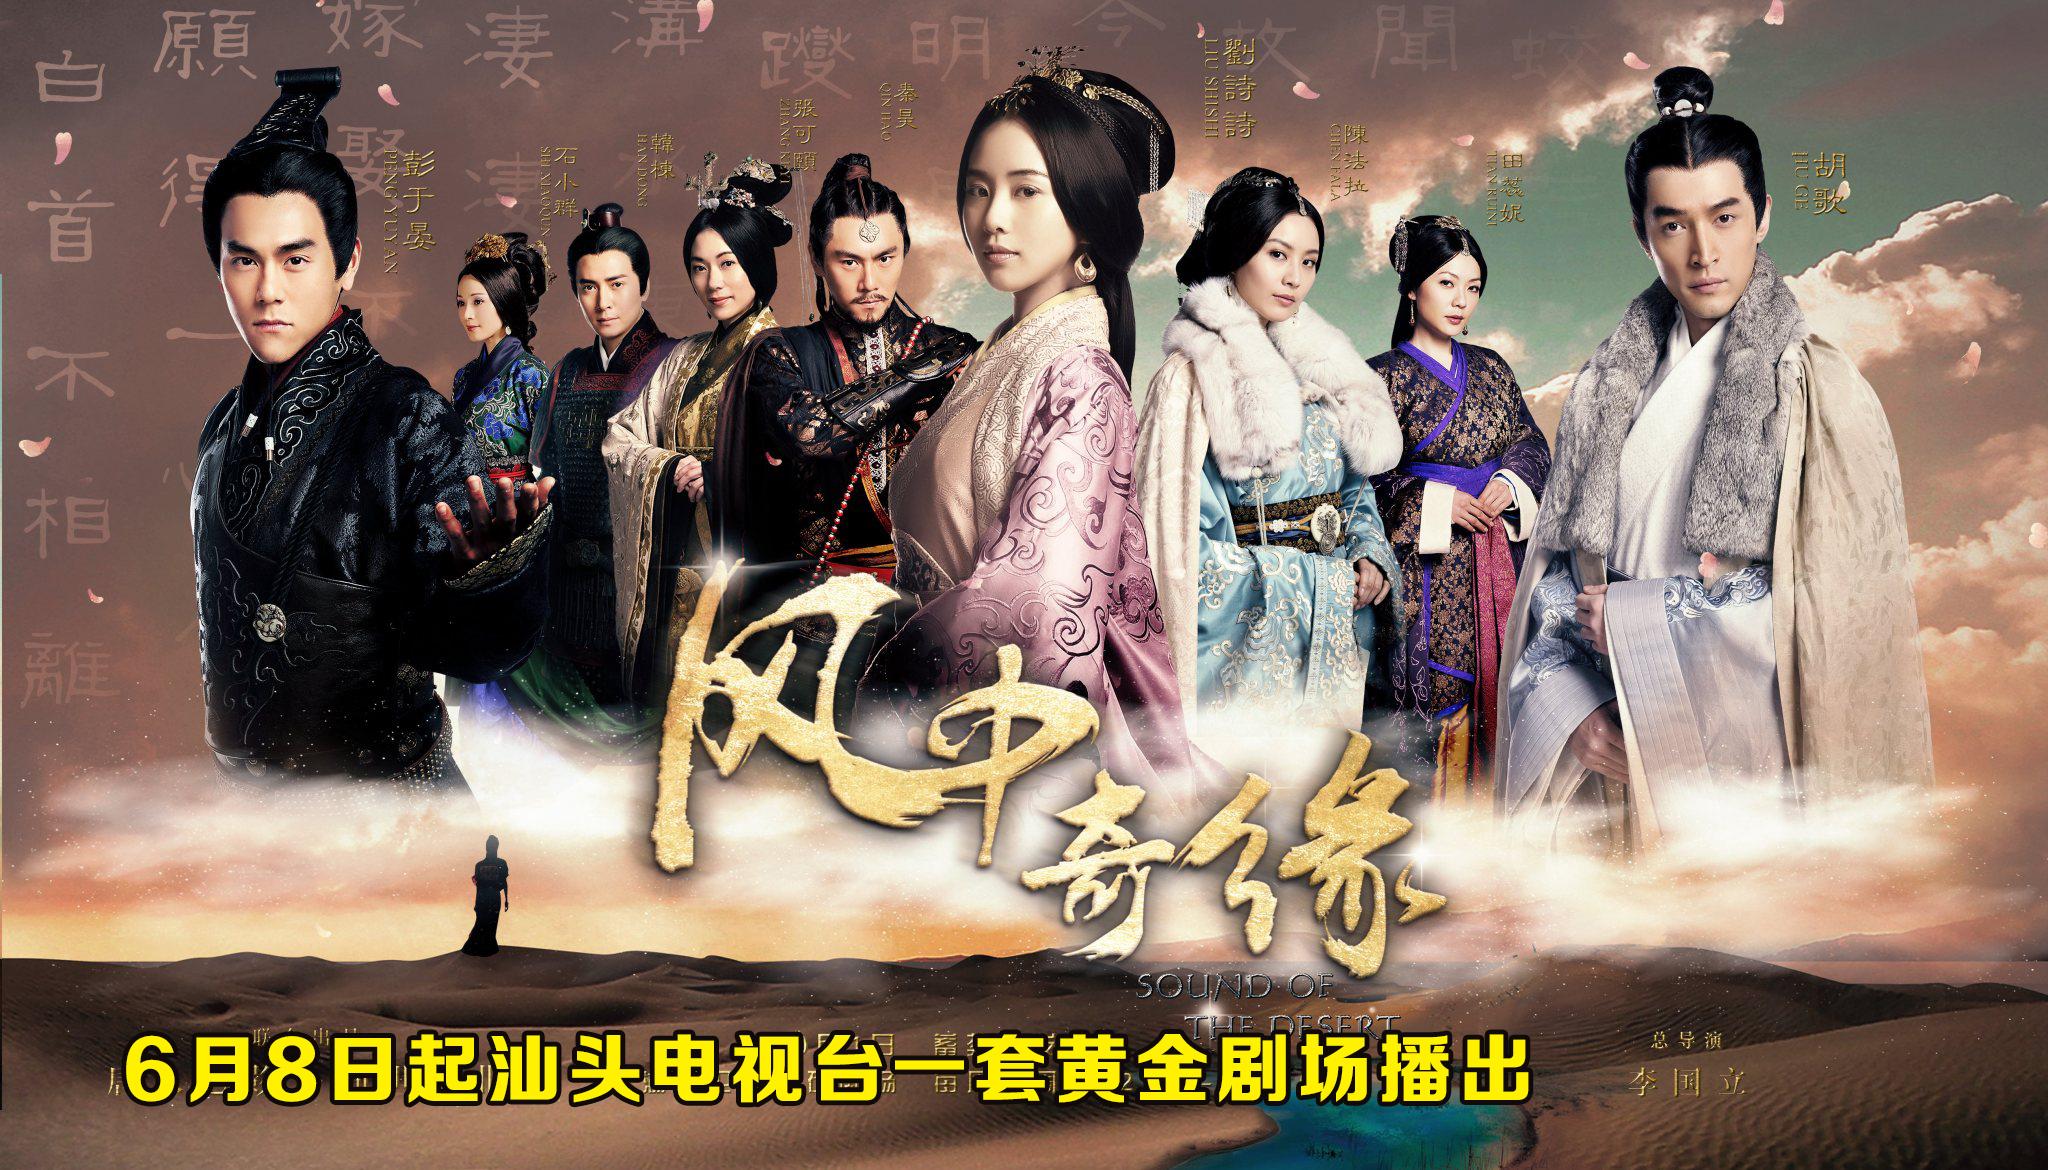 《风中奇缘》6月8日起汕头电视台一套黄金剧场播出